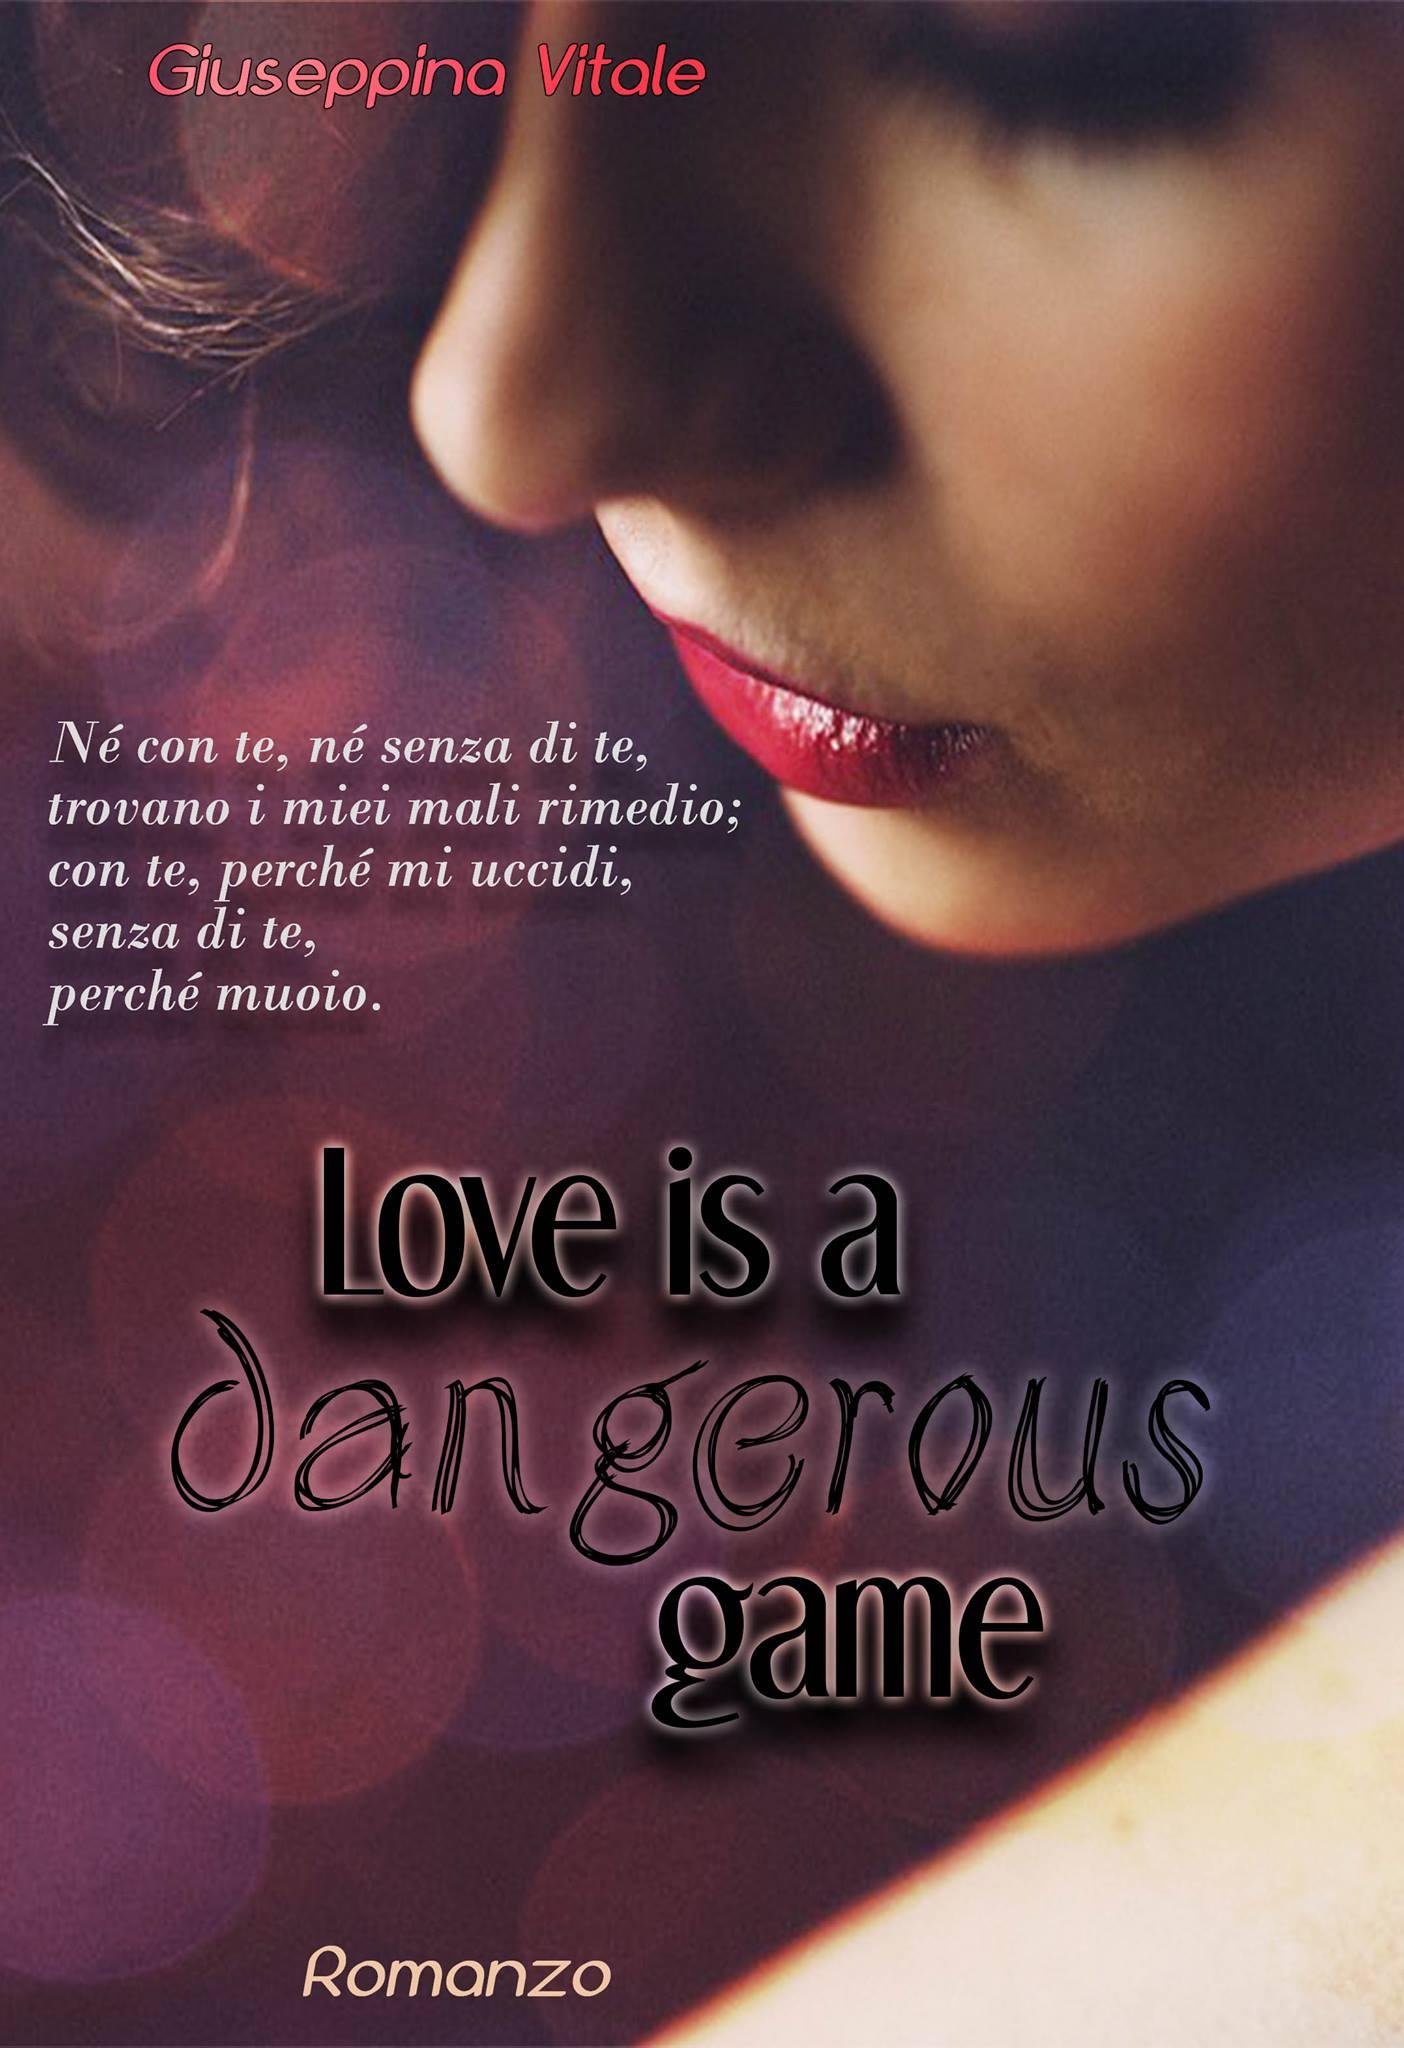 love is dangerous Court métrage réalisé dans le cadre d'un projet sur la thématique love, par trois élèves du master.